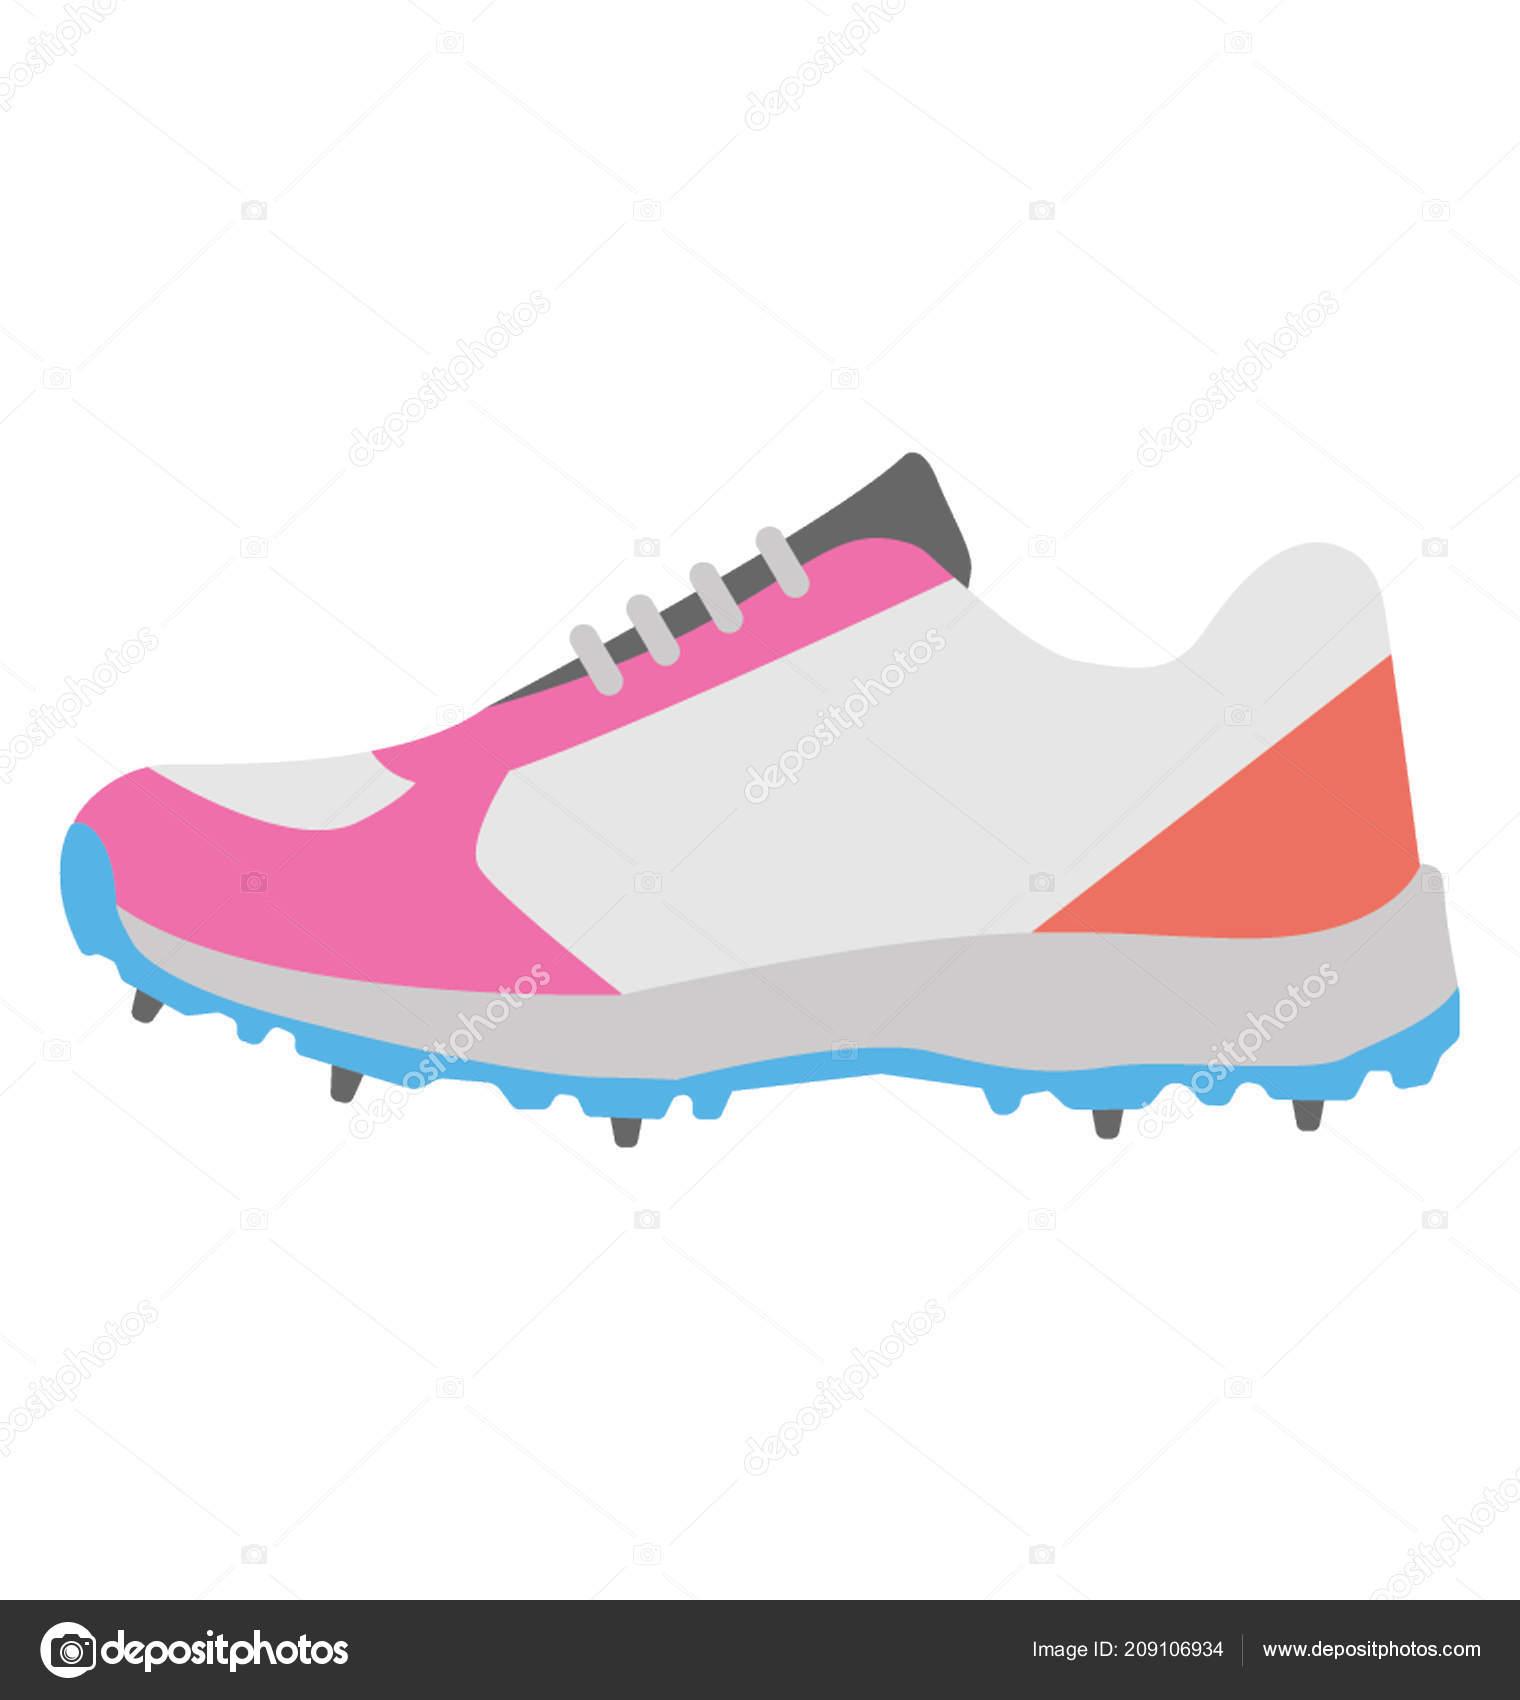 0d619e5a4 Que Zapatillas Calzado Utilizan Cómodo De Deporte Vector — 8qSqw1